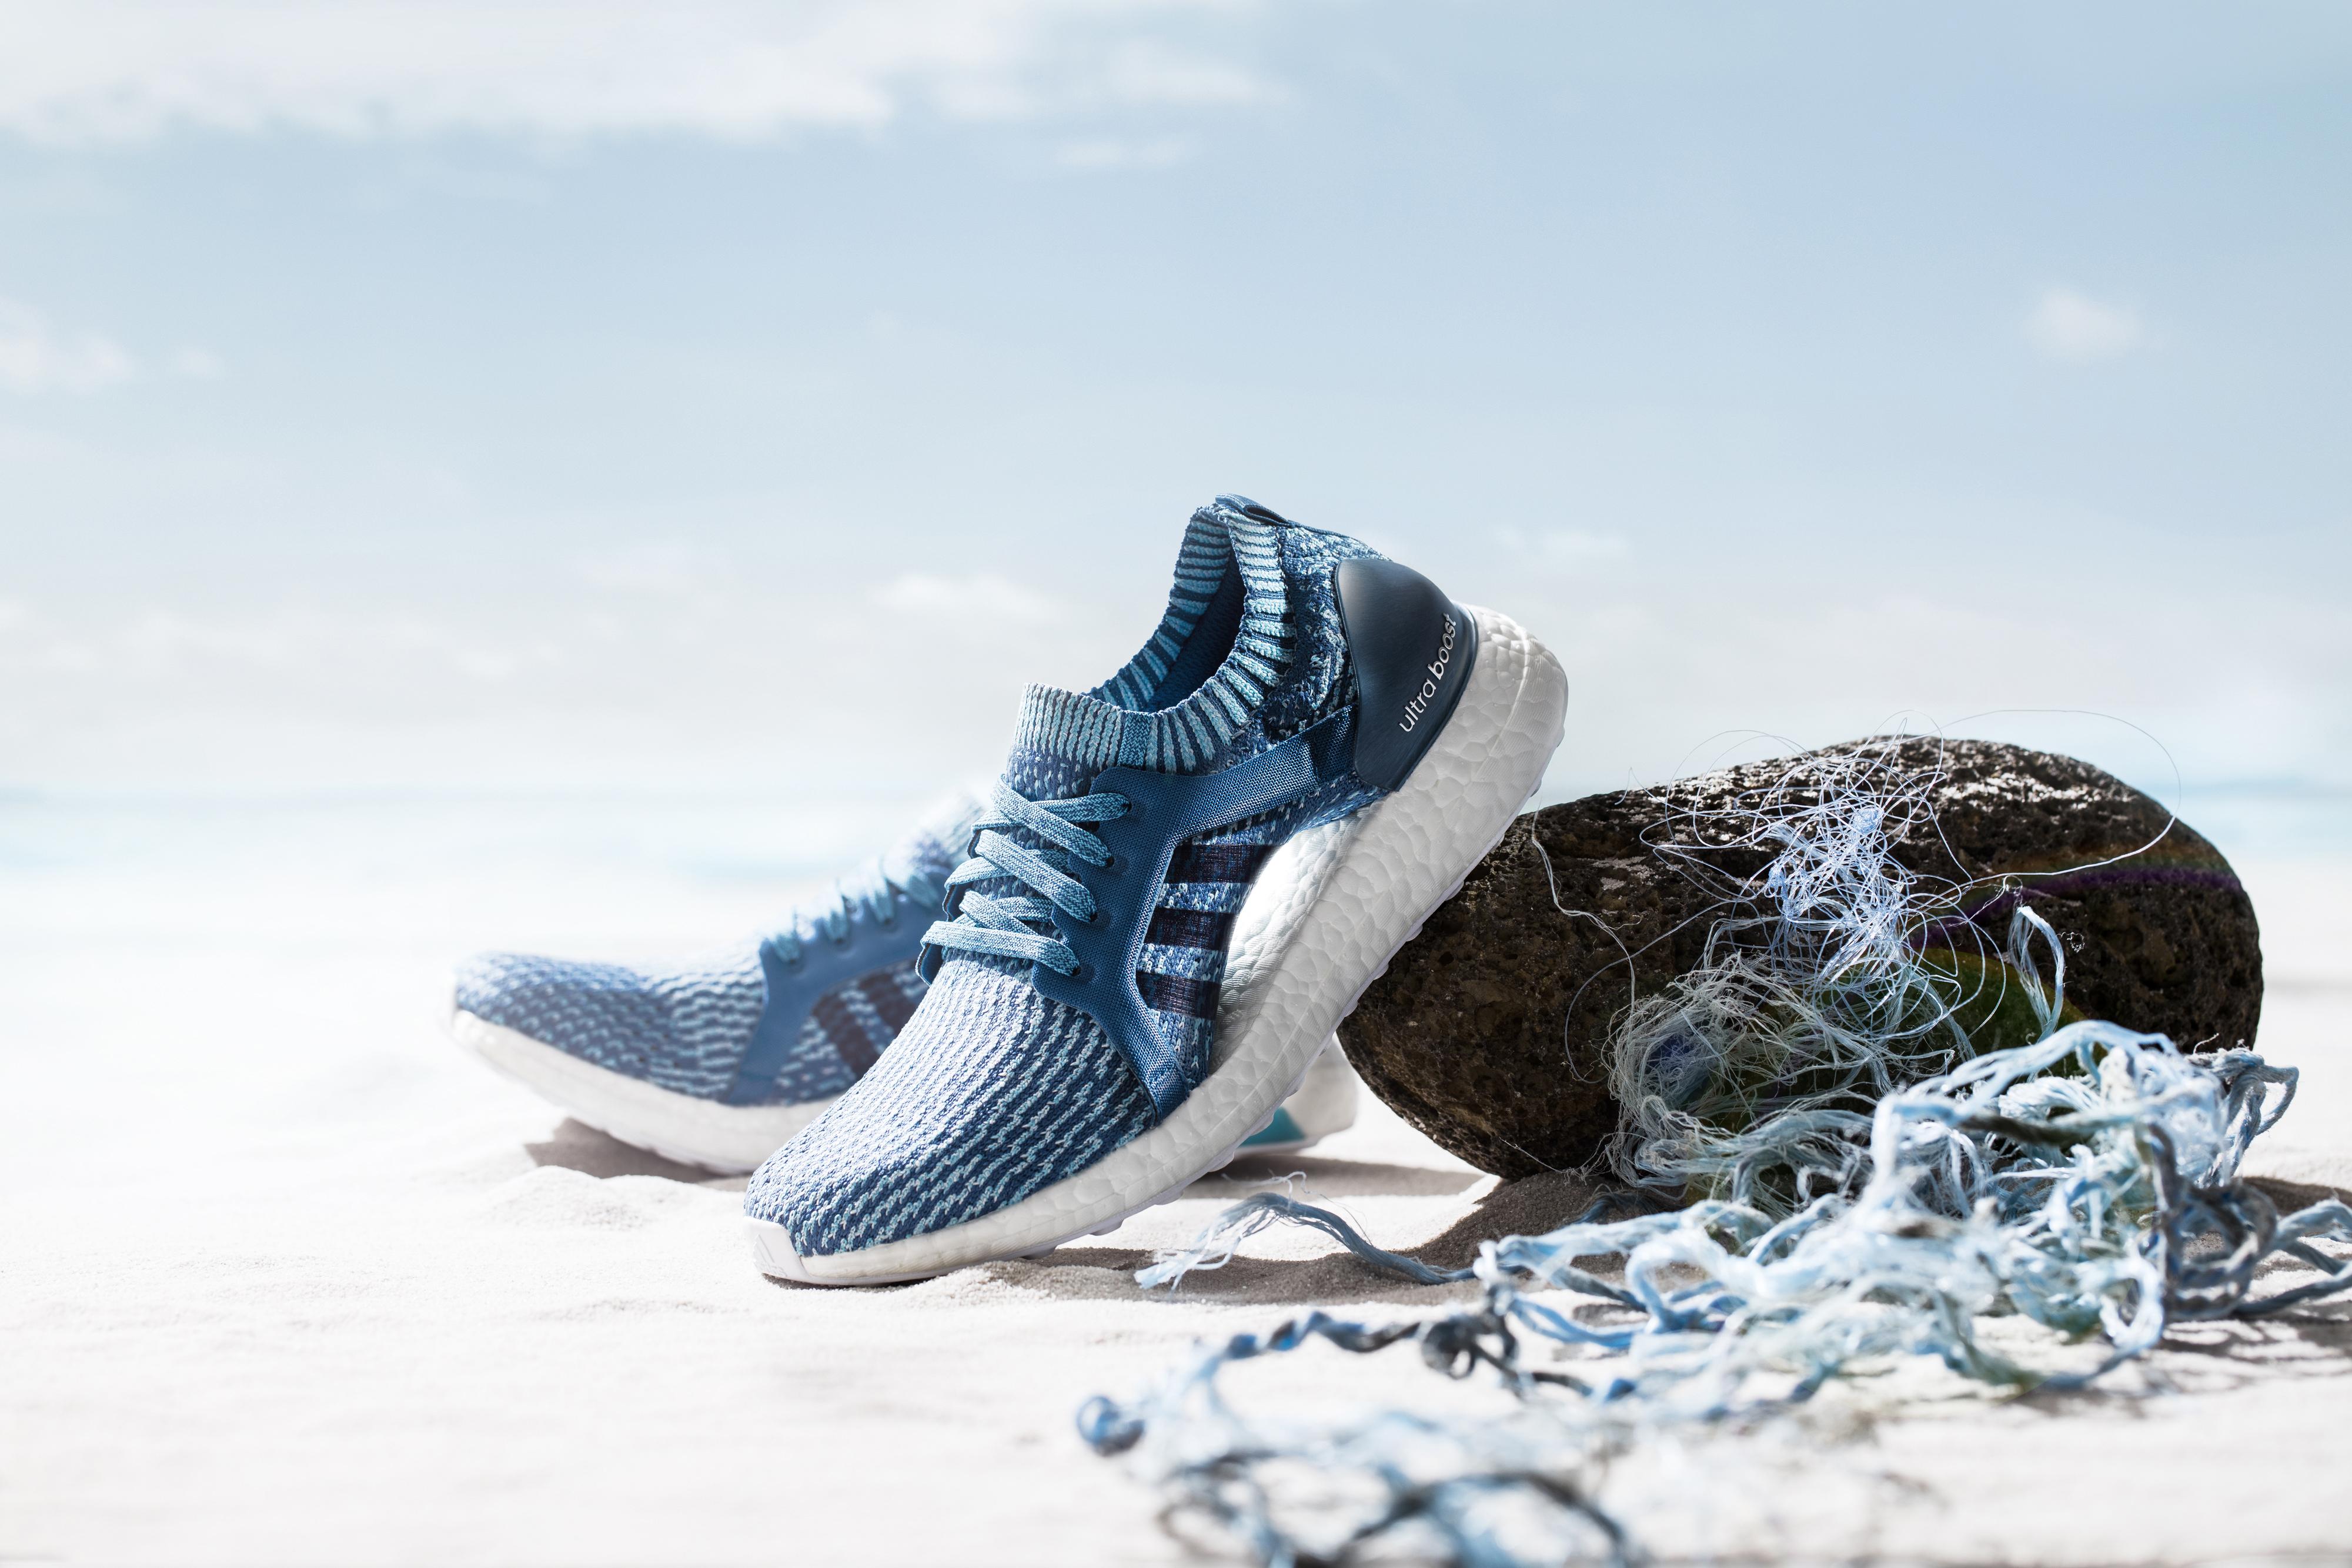 Artiklar som innehåller Adidas Tjock    Adidas och Parley kämpar för haven - tre nya skor   title=          MåBra